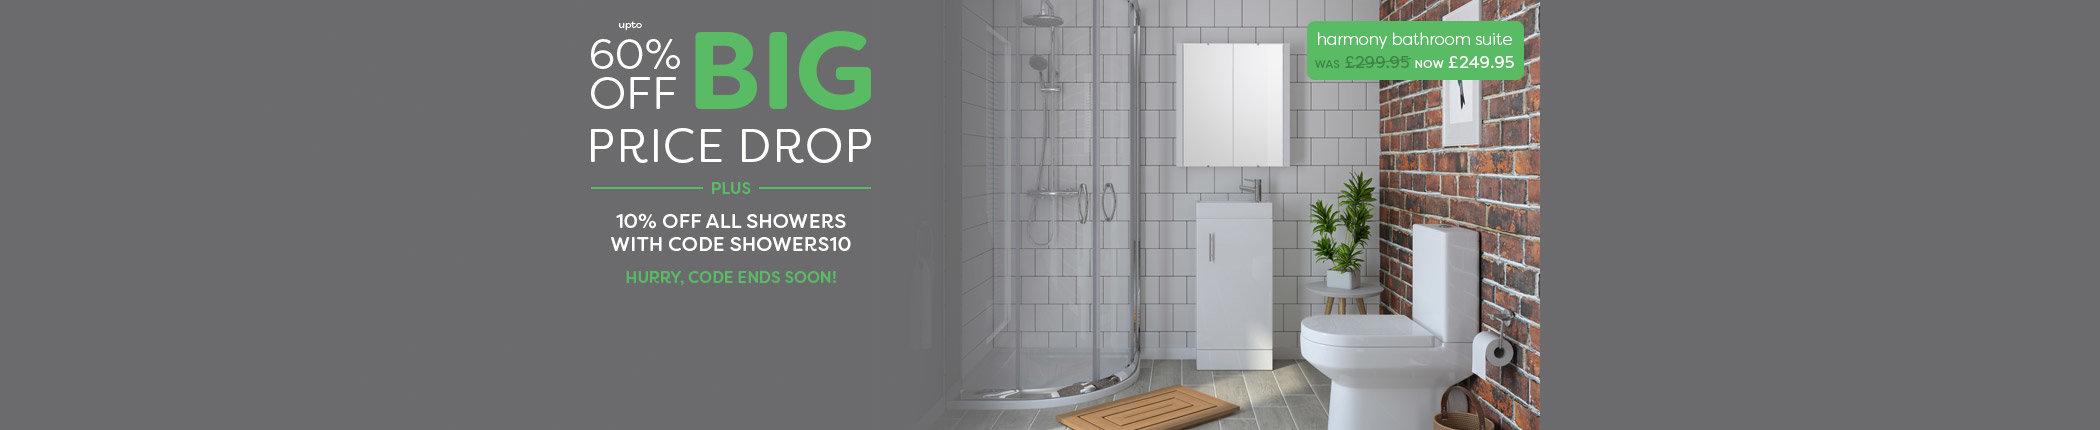 simple bathrooms birmingham phone number - Simple Bathrooms Birmingham Phone Number